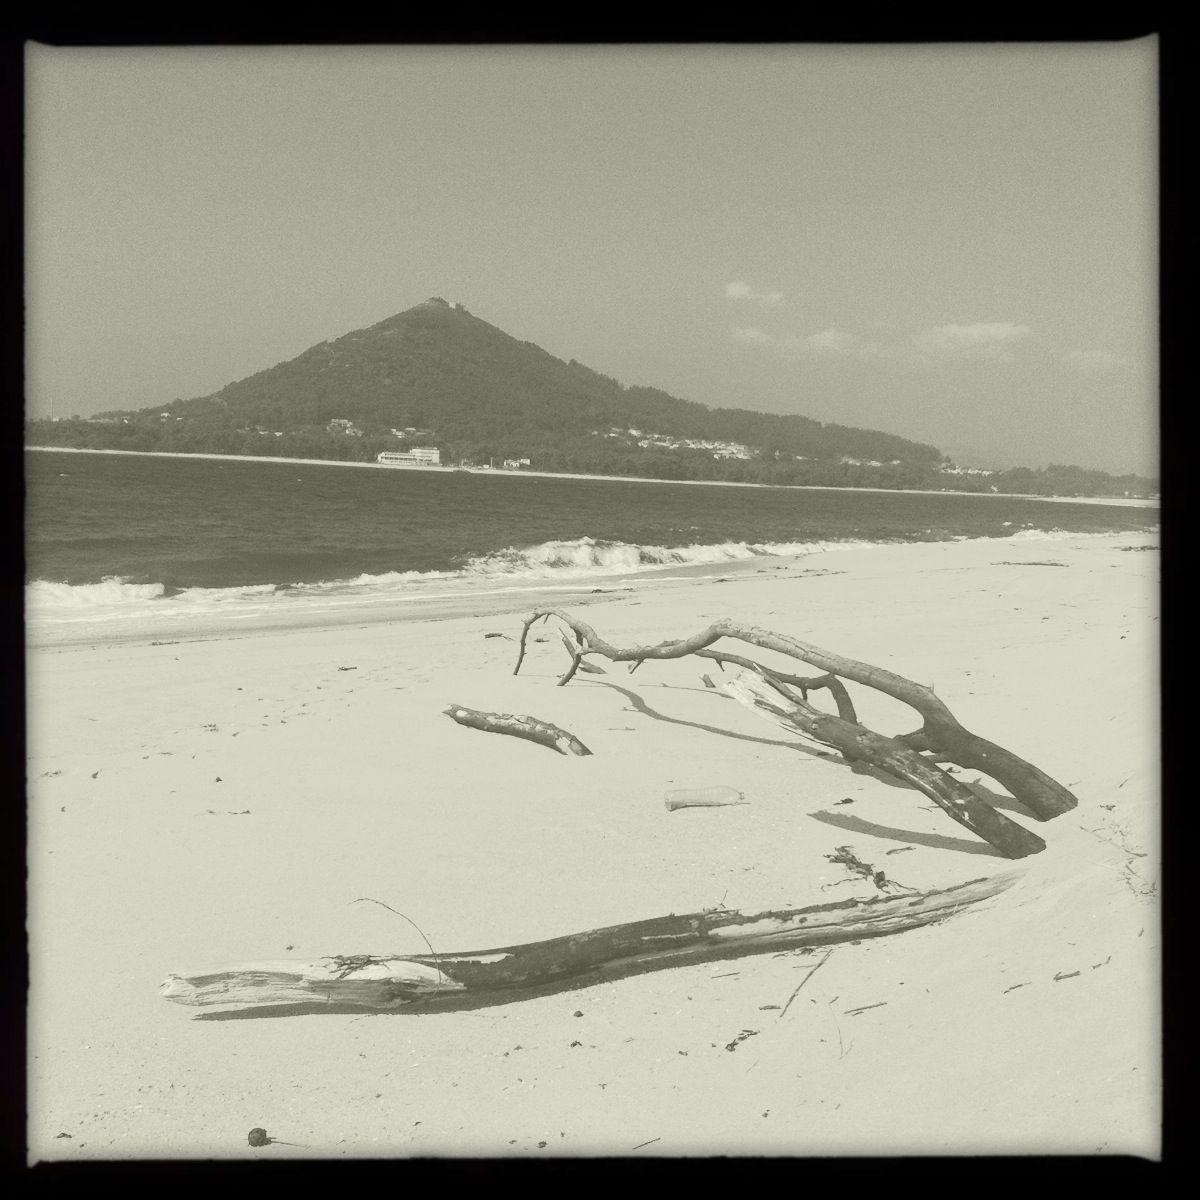 Lage am Rande der Welt, in der Nähe zu Spanien. Der Monte de Santa Tecla gehört schon zu Galizien